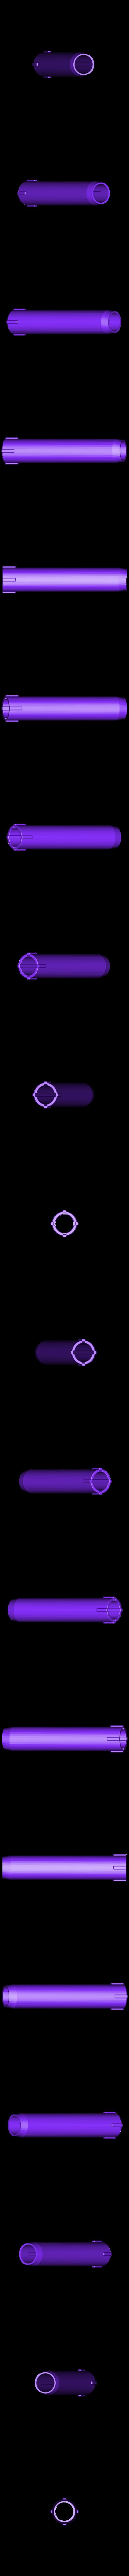 4th_Cylinder.STL Download free STL file LIGHTSABER - LED - Fully Functional • 3D printer template, Balkhagal4D